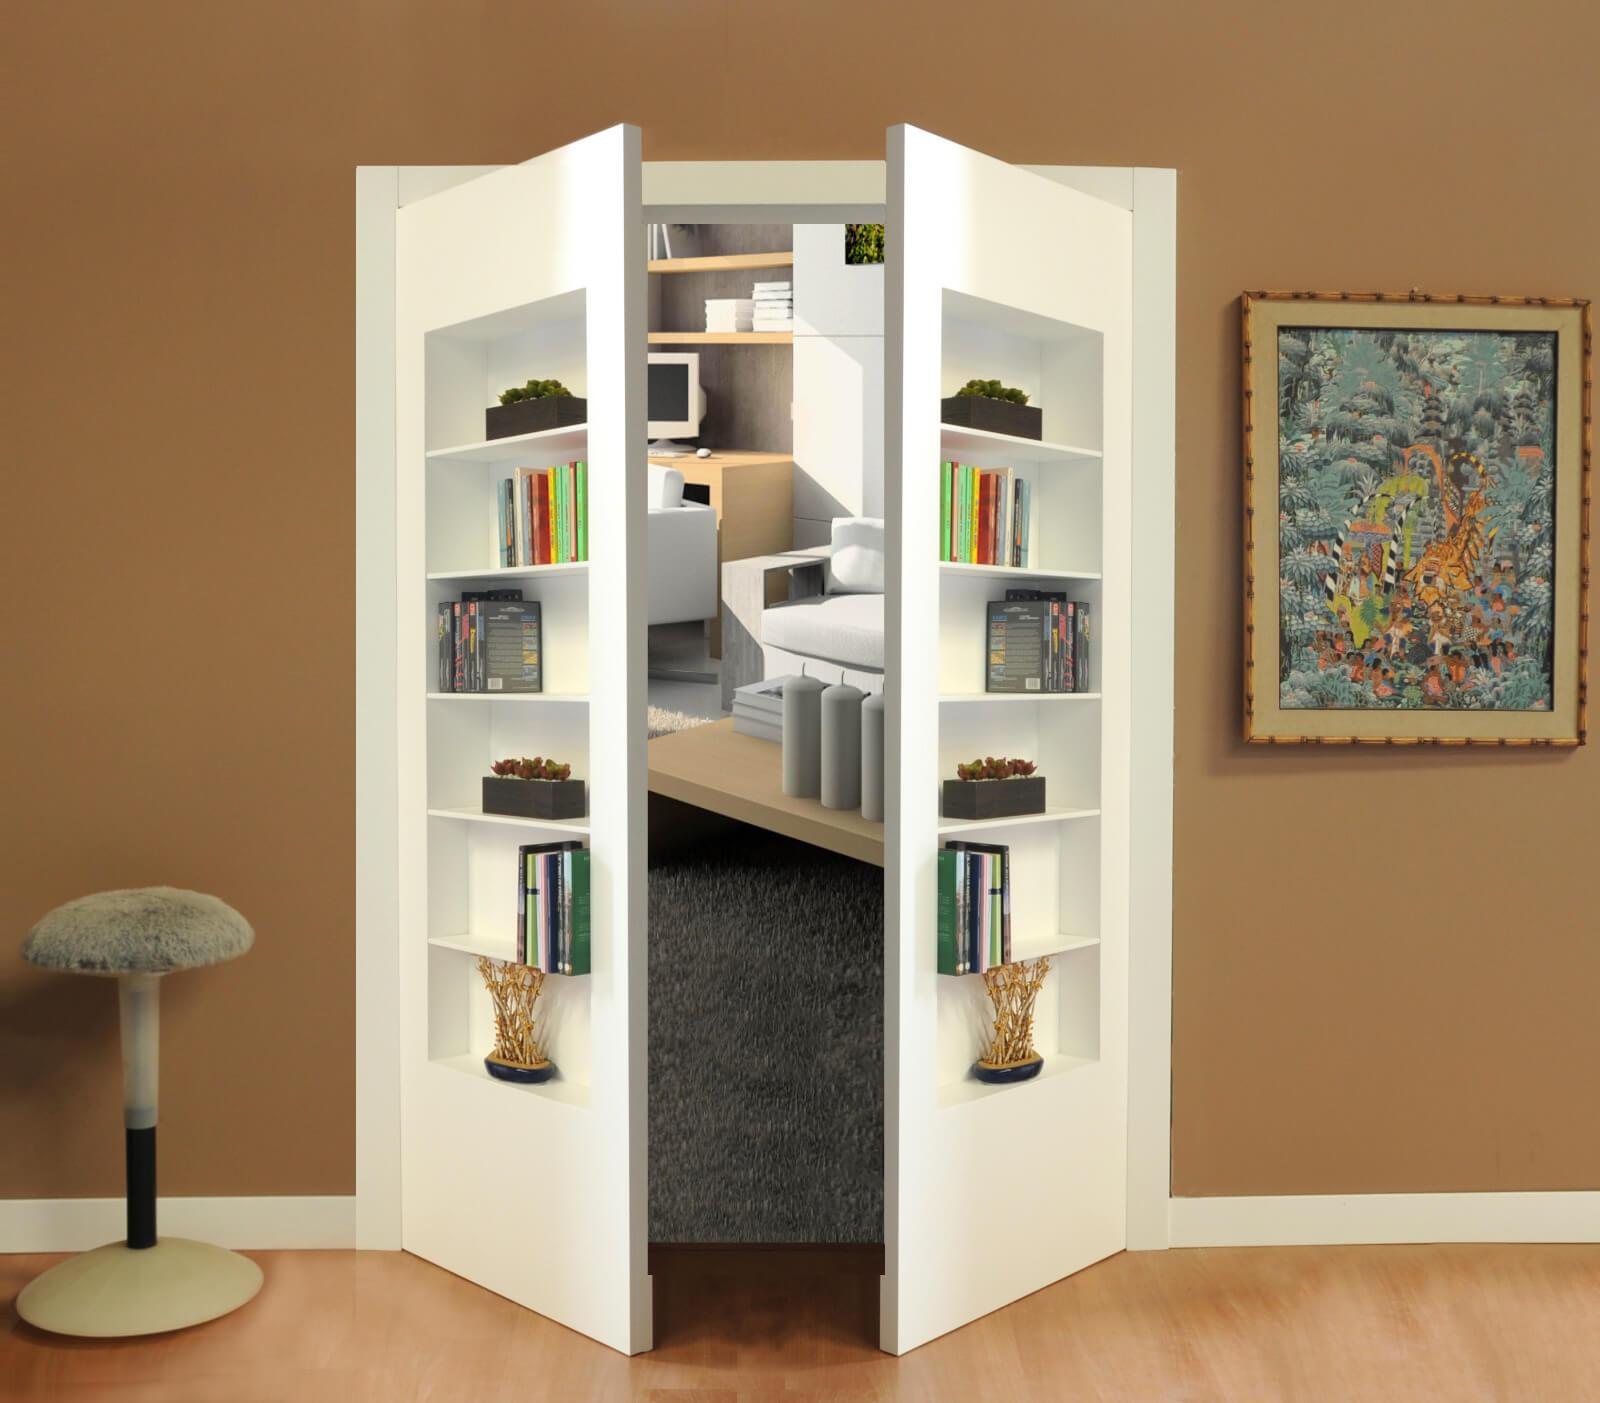 Libreria A Porta Di Roma porta nascosta a libreria, la soluzione d'arredo che unisce